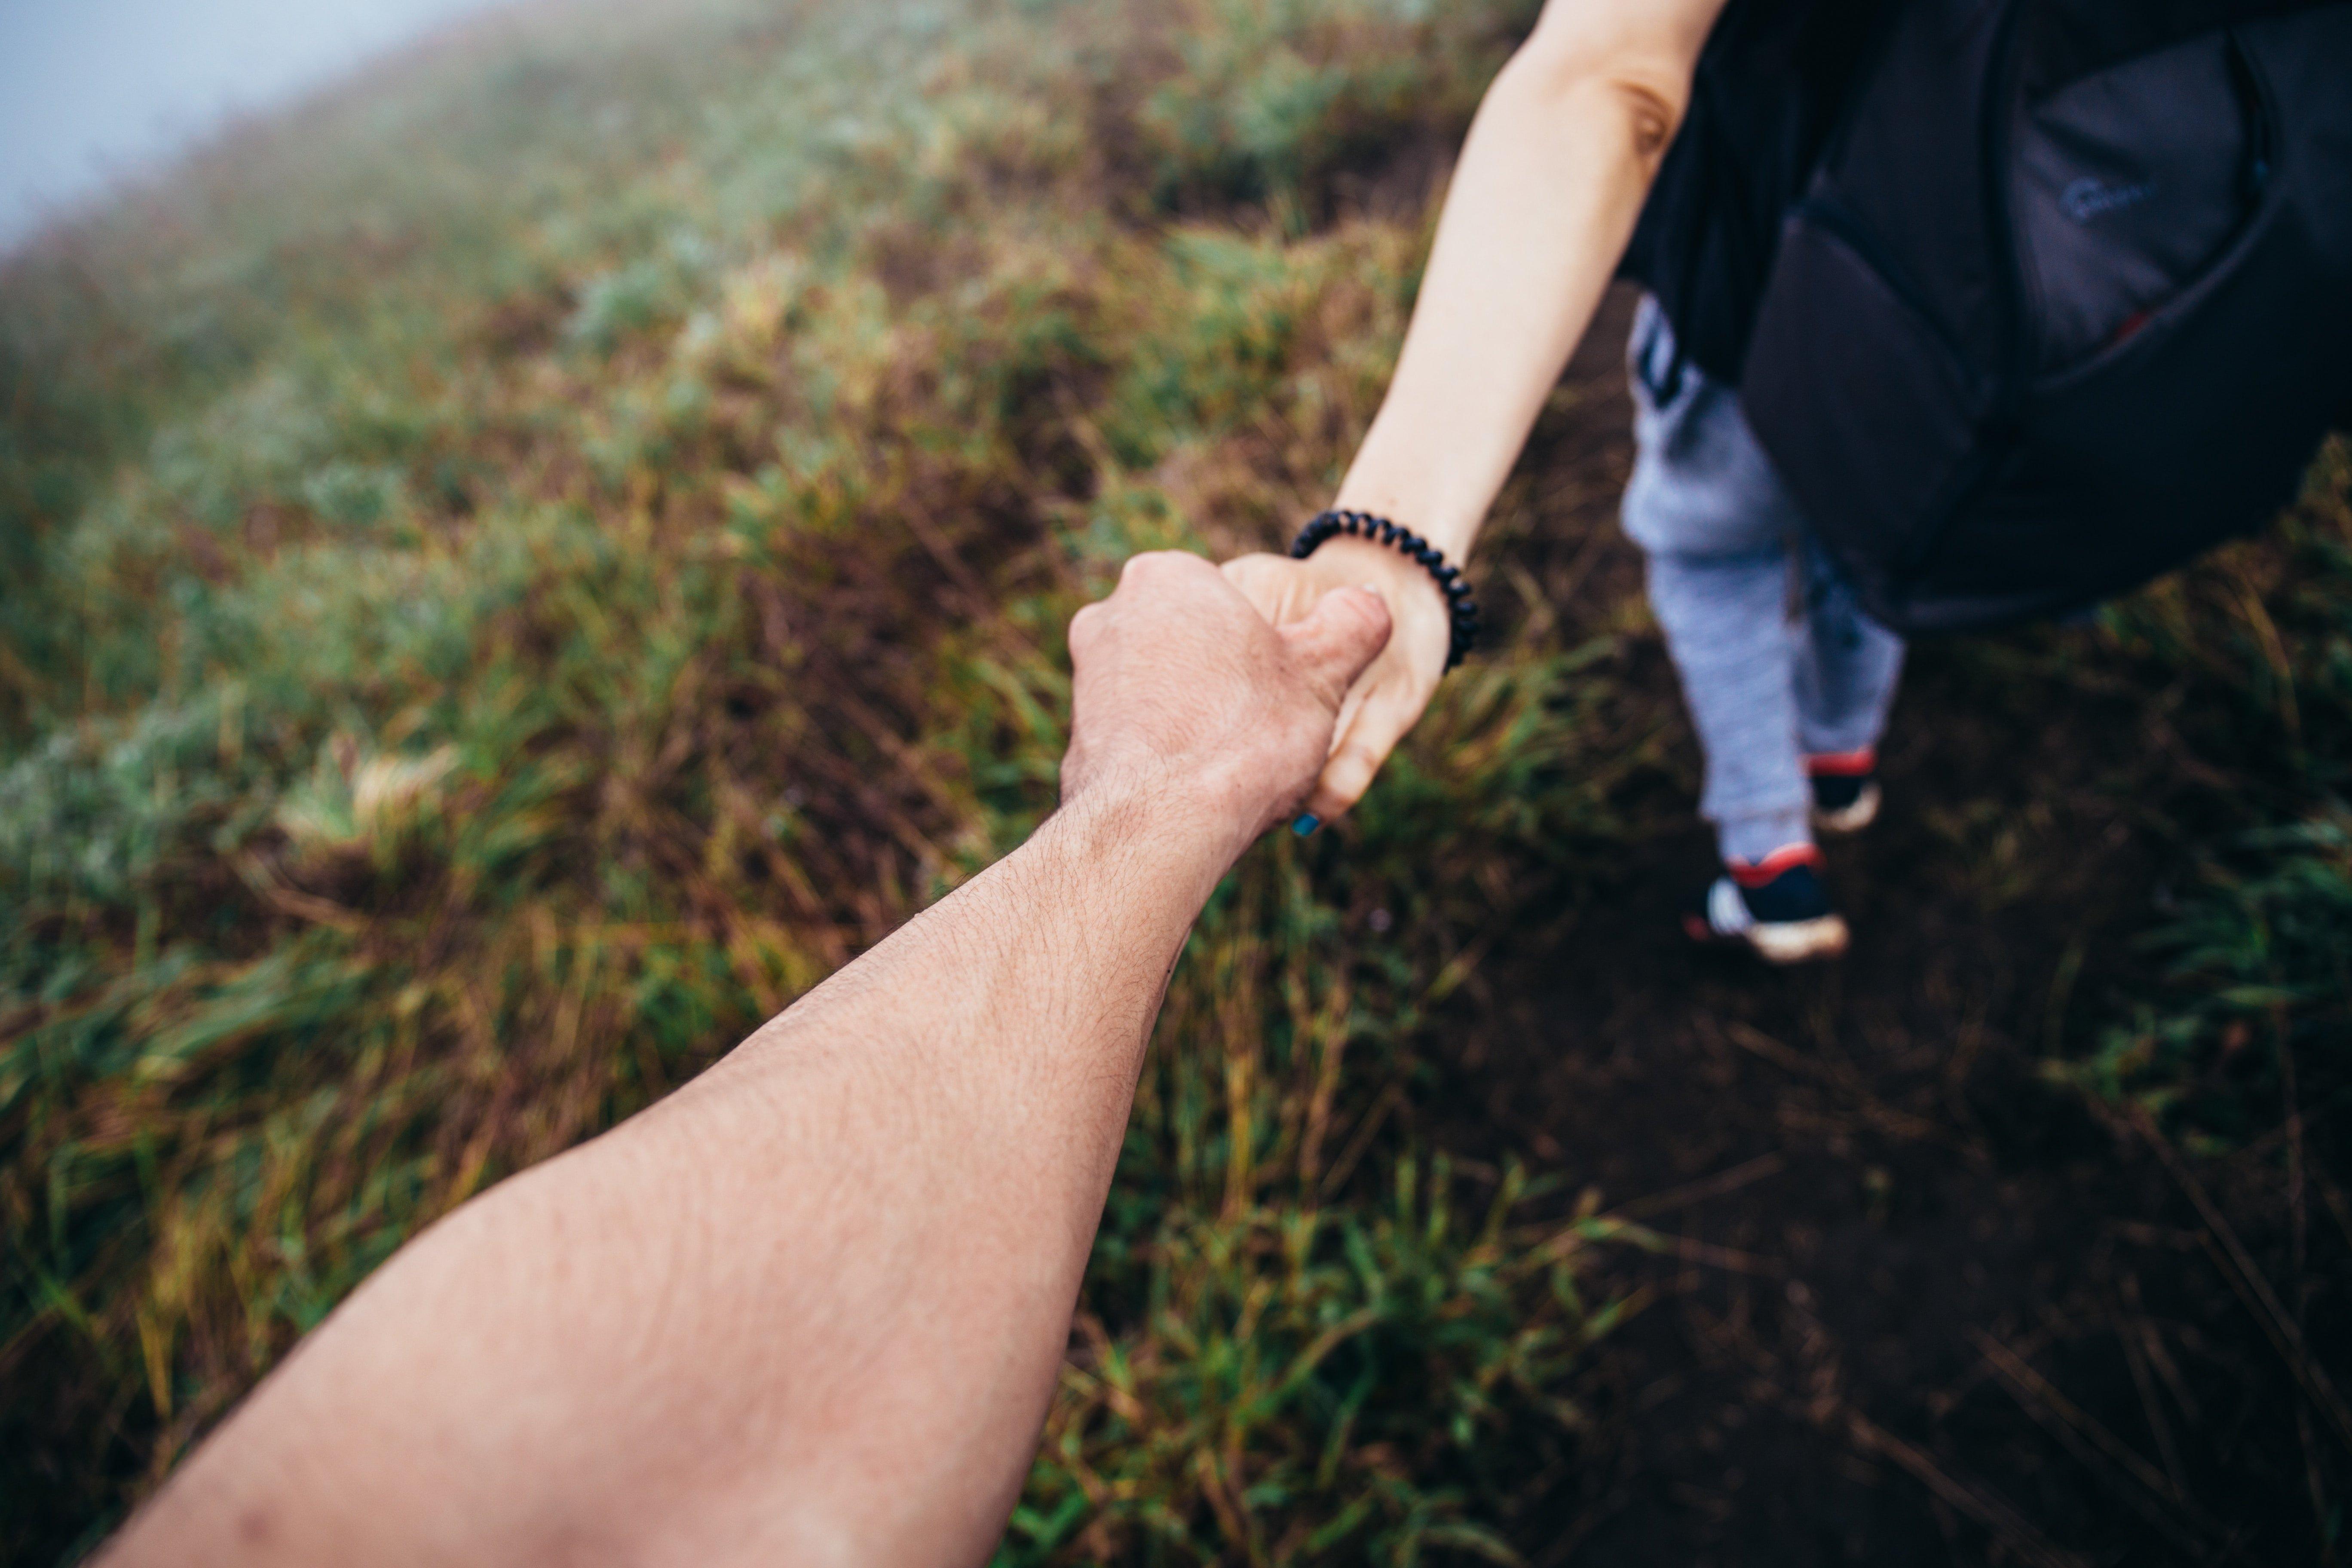 Hand-holding society